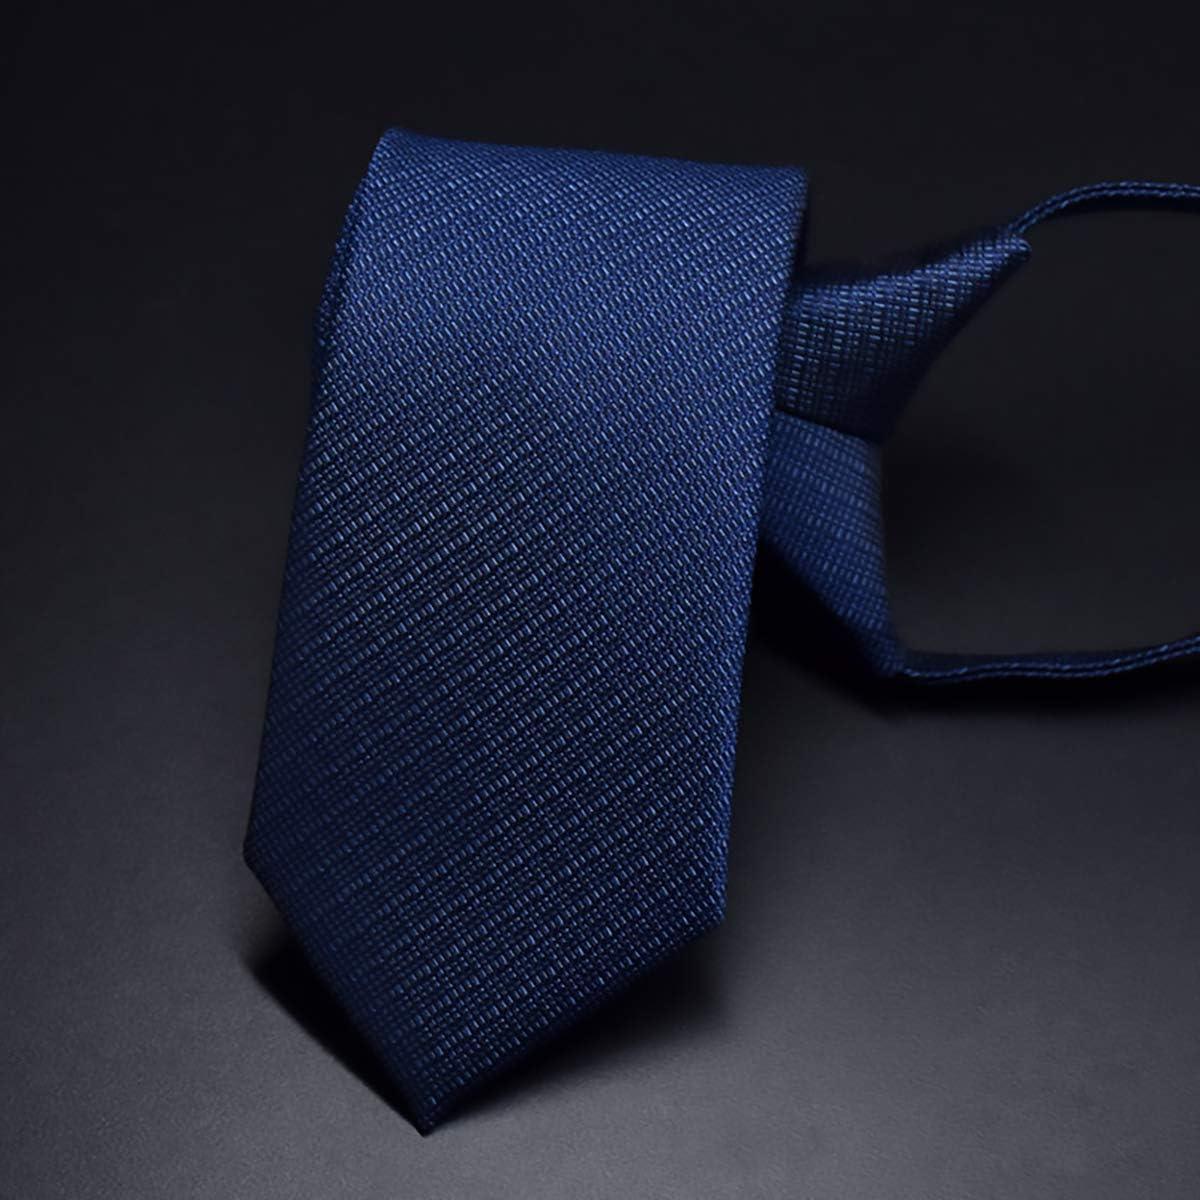 WANYING Corbata Estrecha 6cm con Cremallera para Hombre Corbata de ...